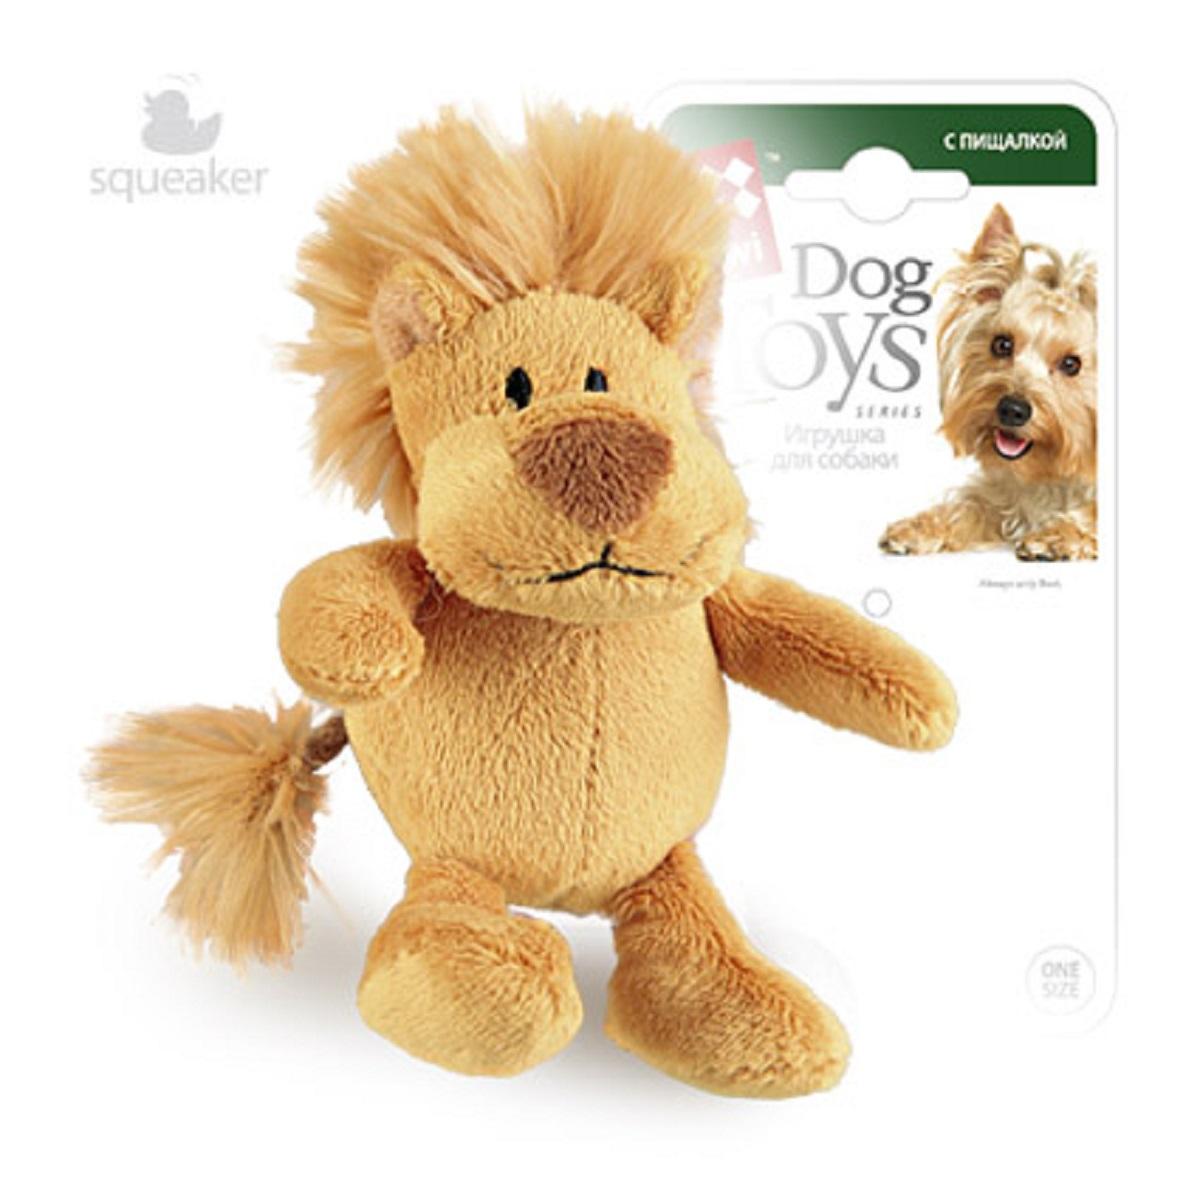 Игрушка для собак GiGwi Лев, с пищалкой, 10 см101246Игрушка для собак GiGwi  Лев, выполненная из искусственного меха, не позволит заскучать вашему питомцу. Играя с этой забавной игрушкой, маленькие щенки развиваются физически, а взрослые собаки поддерживают свой мышечный тонус. Игрушка выполнена в виде льва. Пищалка сделает игру особенно интересной. Такая игрушка порадует вашего любимца, а вам доставит массу приятных эмоций, ведь наблюдать за игрой всегда интересно и приятно.